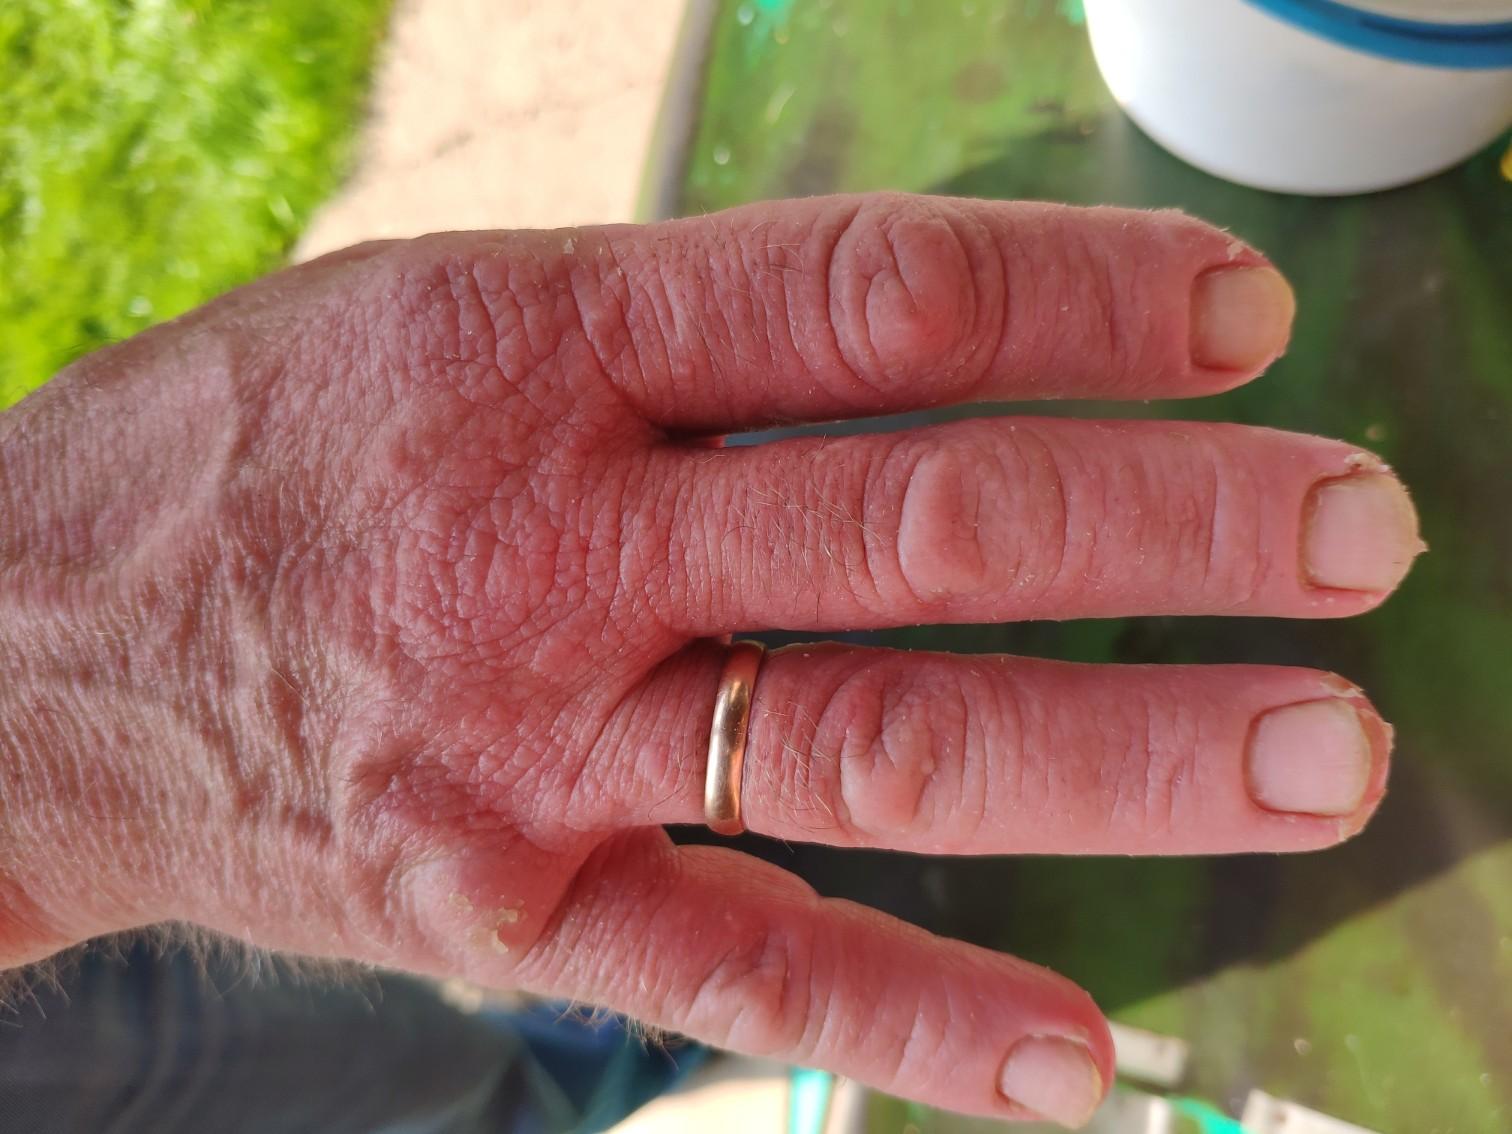 Трескается кожа причины. методы лечения трещин и шелушения на руках. когда нужно обратиться к врачу